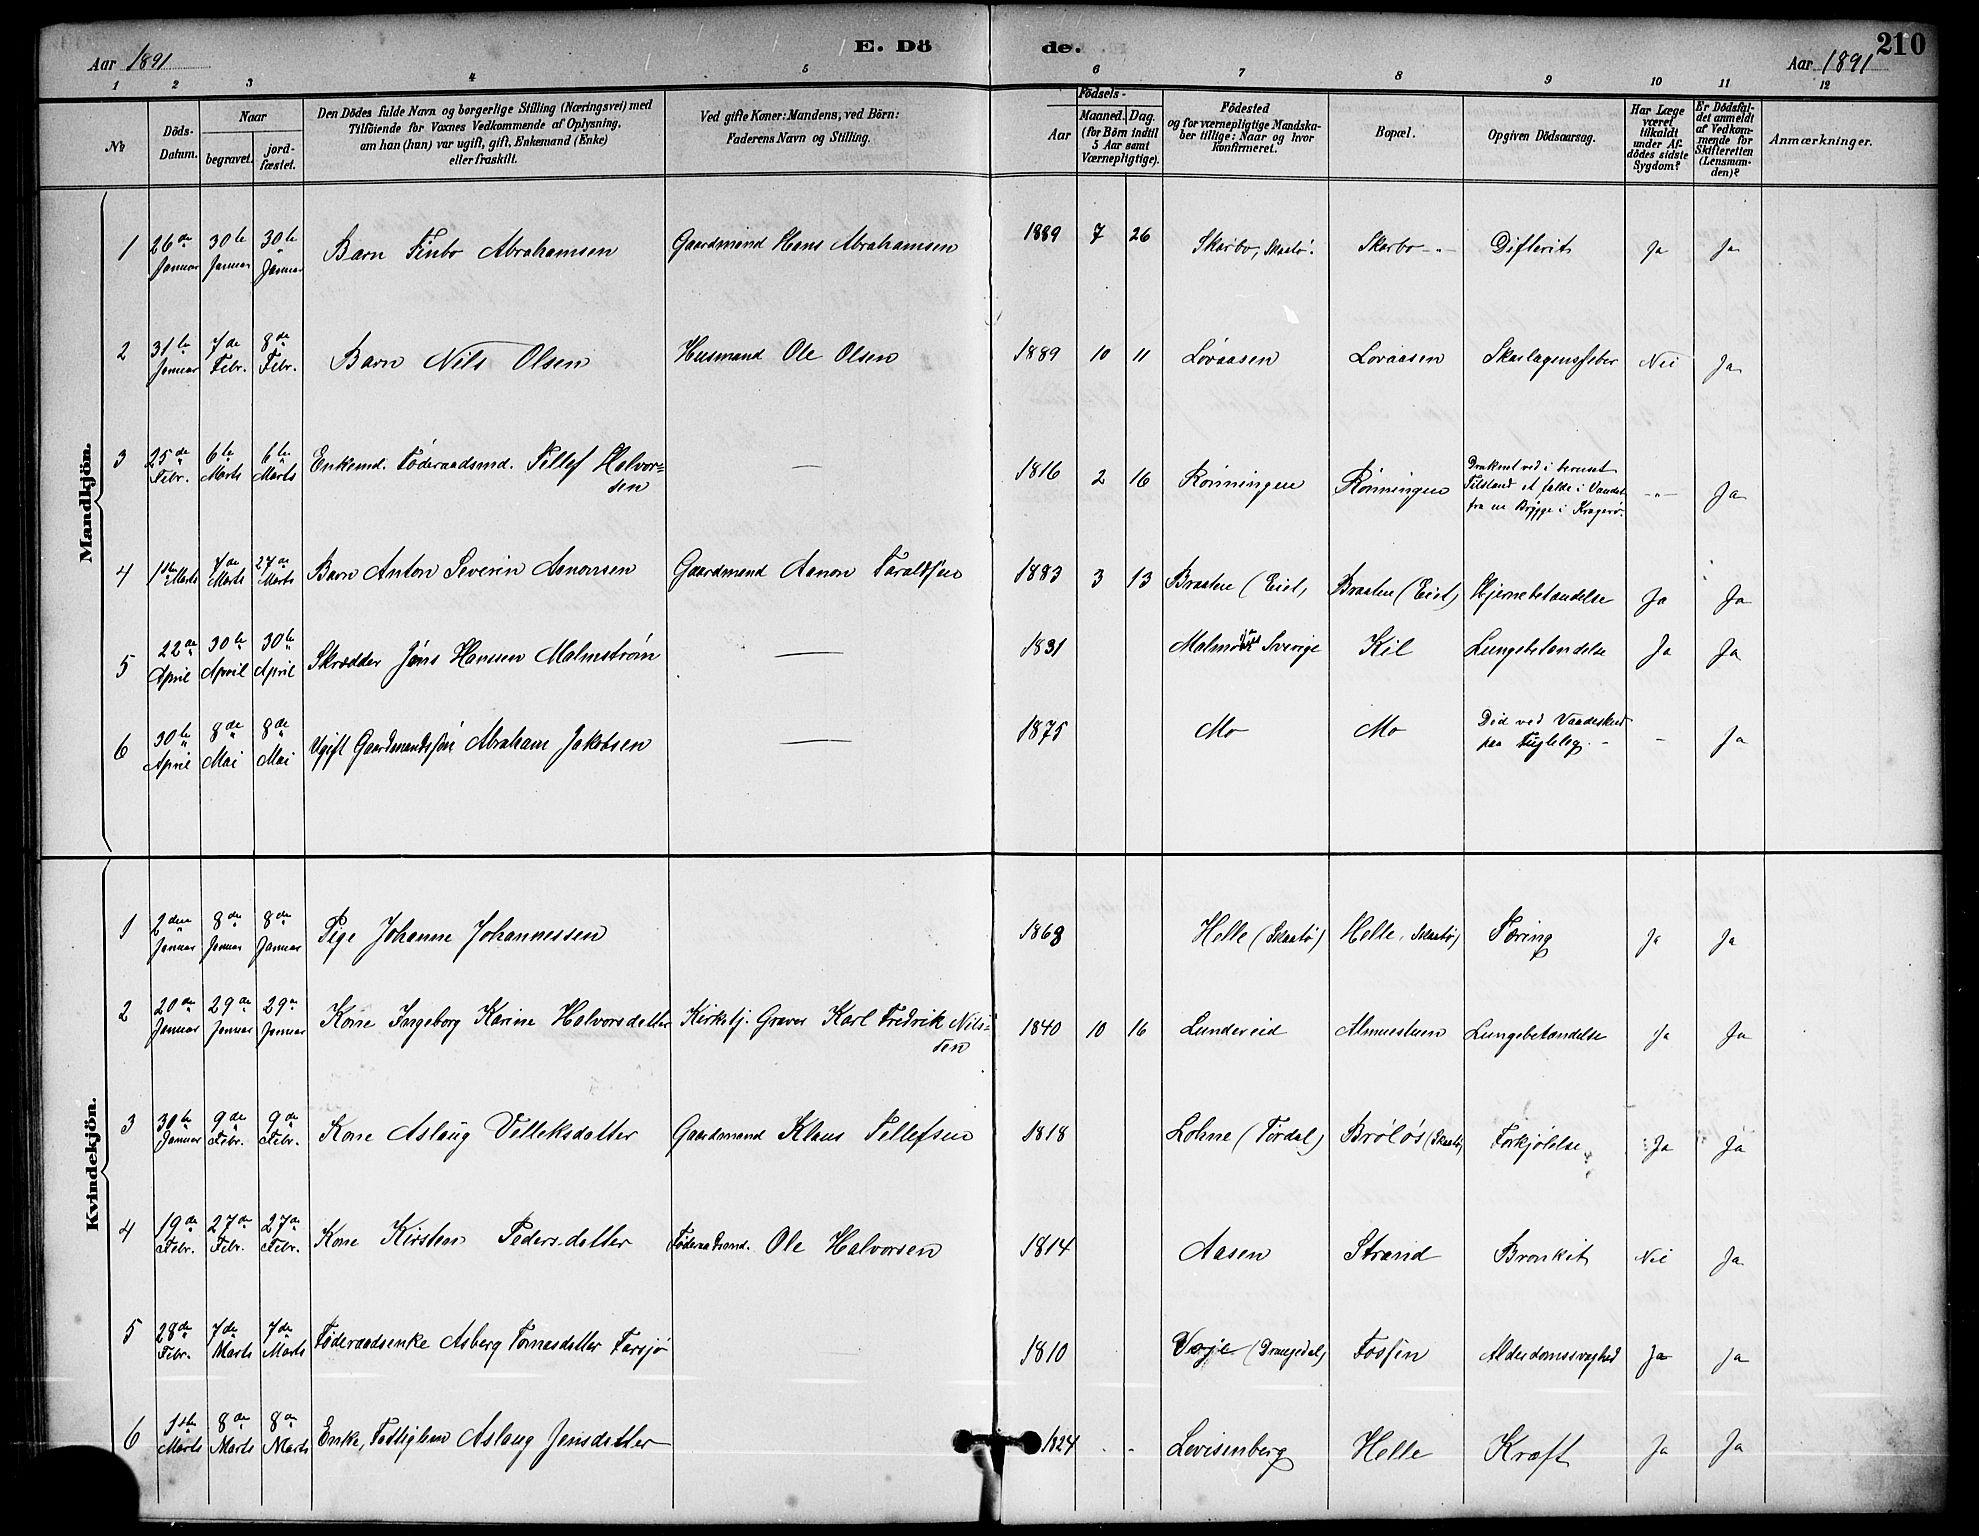 SAKO, Sannidal kirkebøker, G/Ga/L0003: Klokkerbok nr. 3, 1887-1922, s. 210